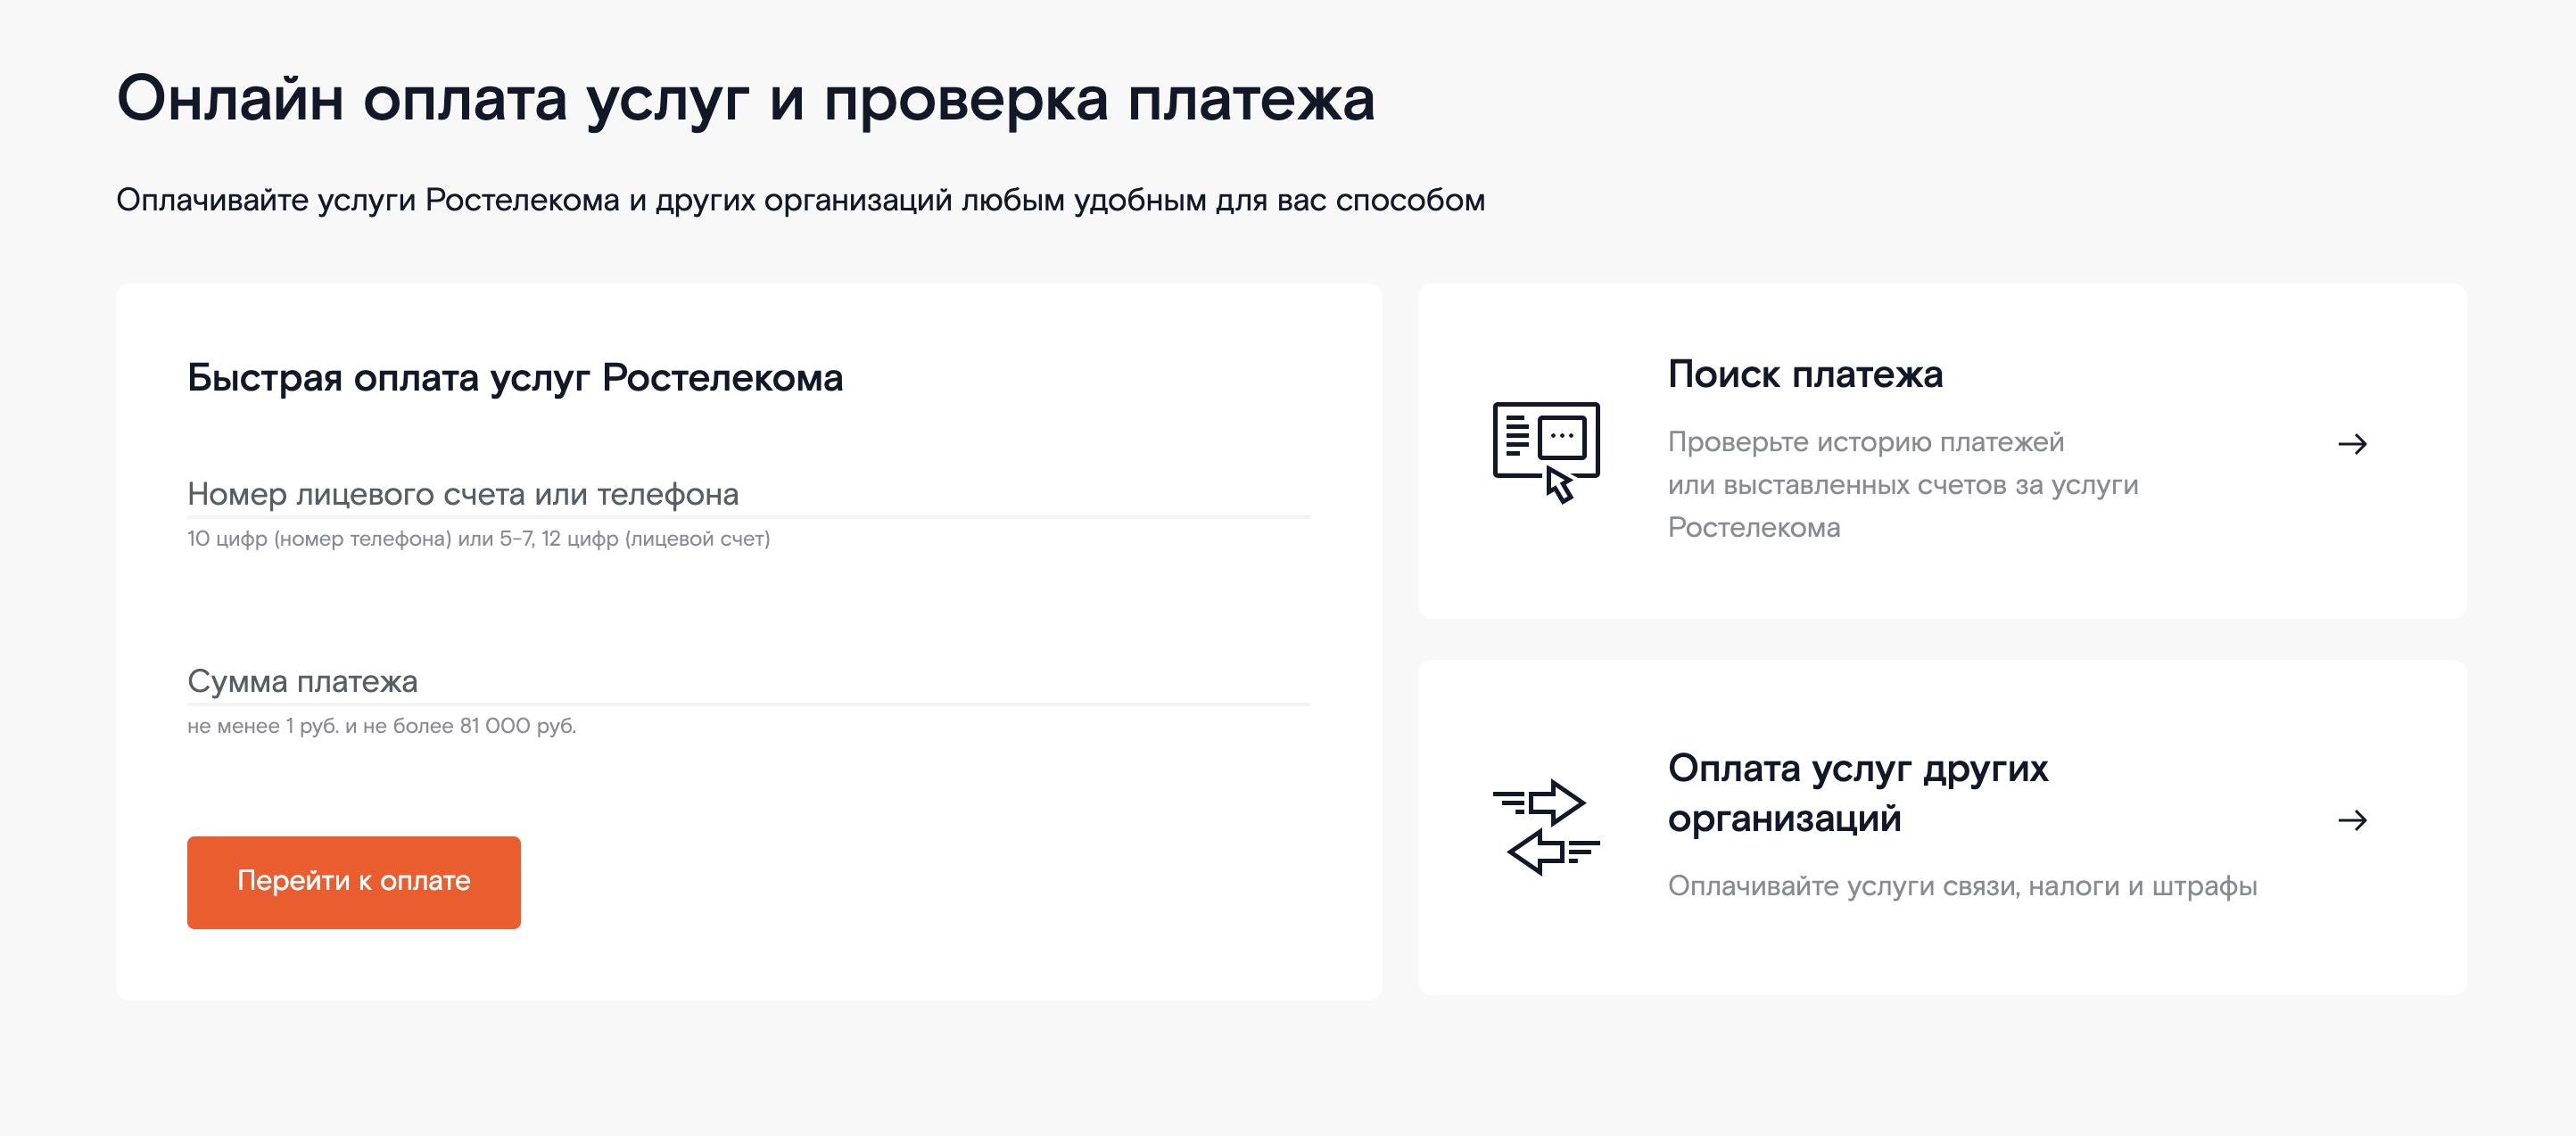 Как через интернет оплатить счет в Ростелекоме с карты